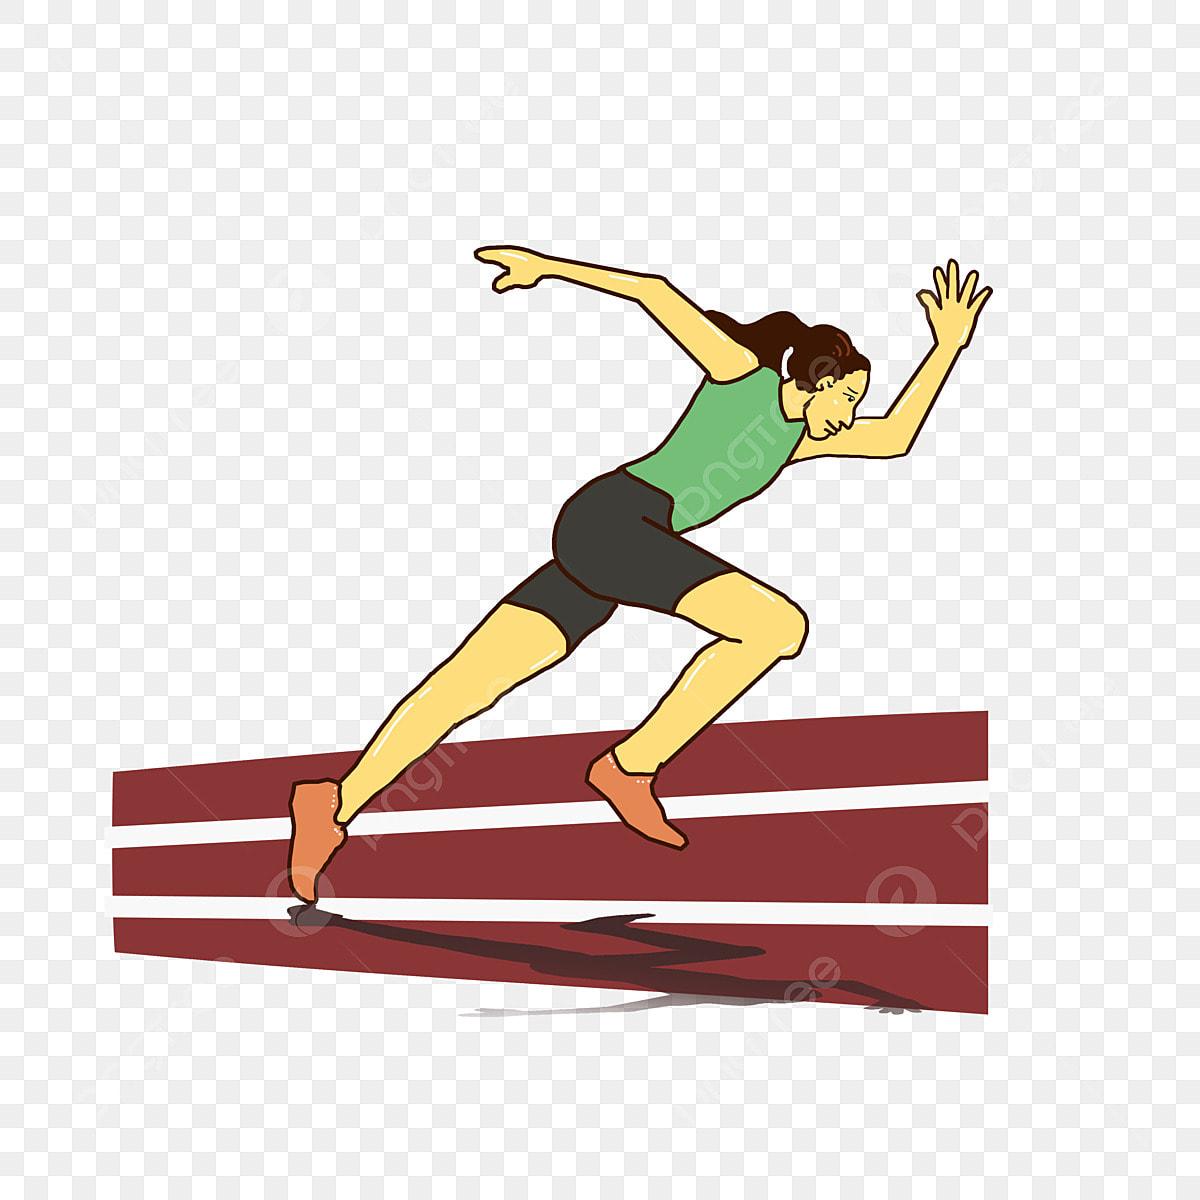 Jogos Olimpicos Mao Dos Desenhos Animados Desenhada Sprint